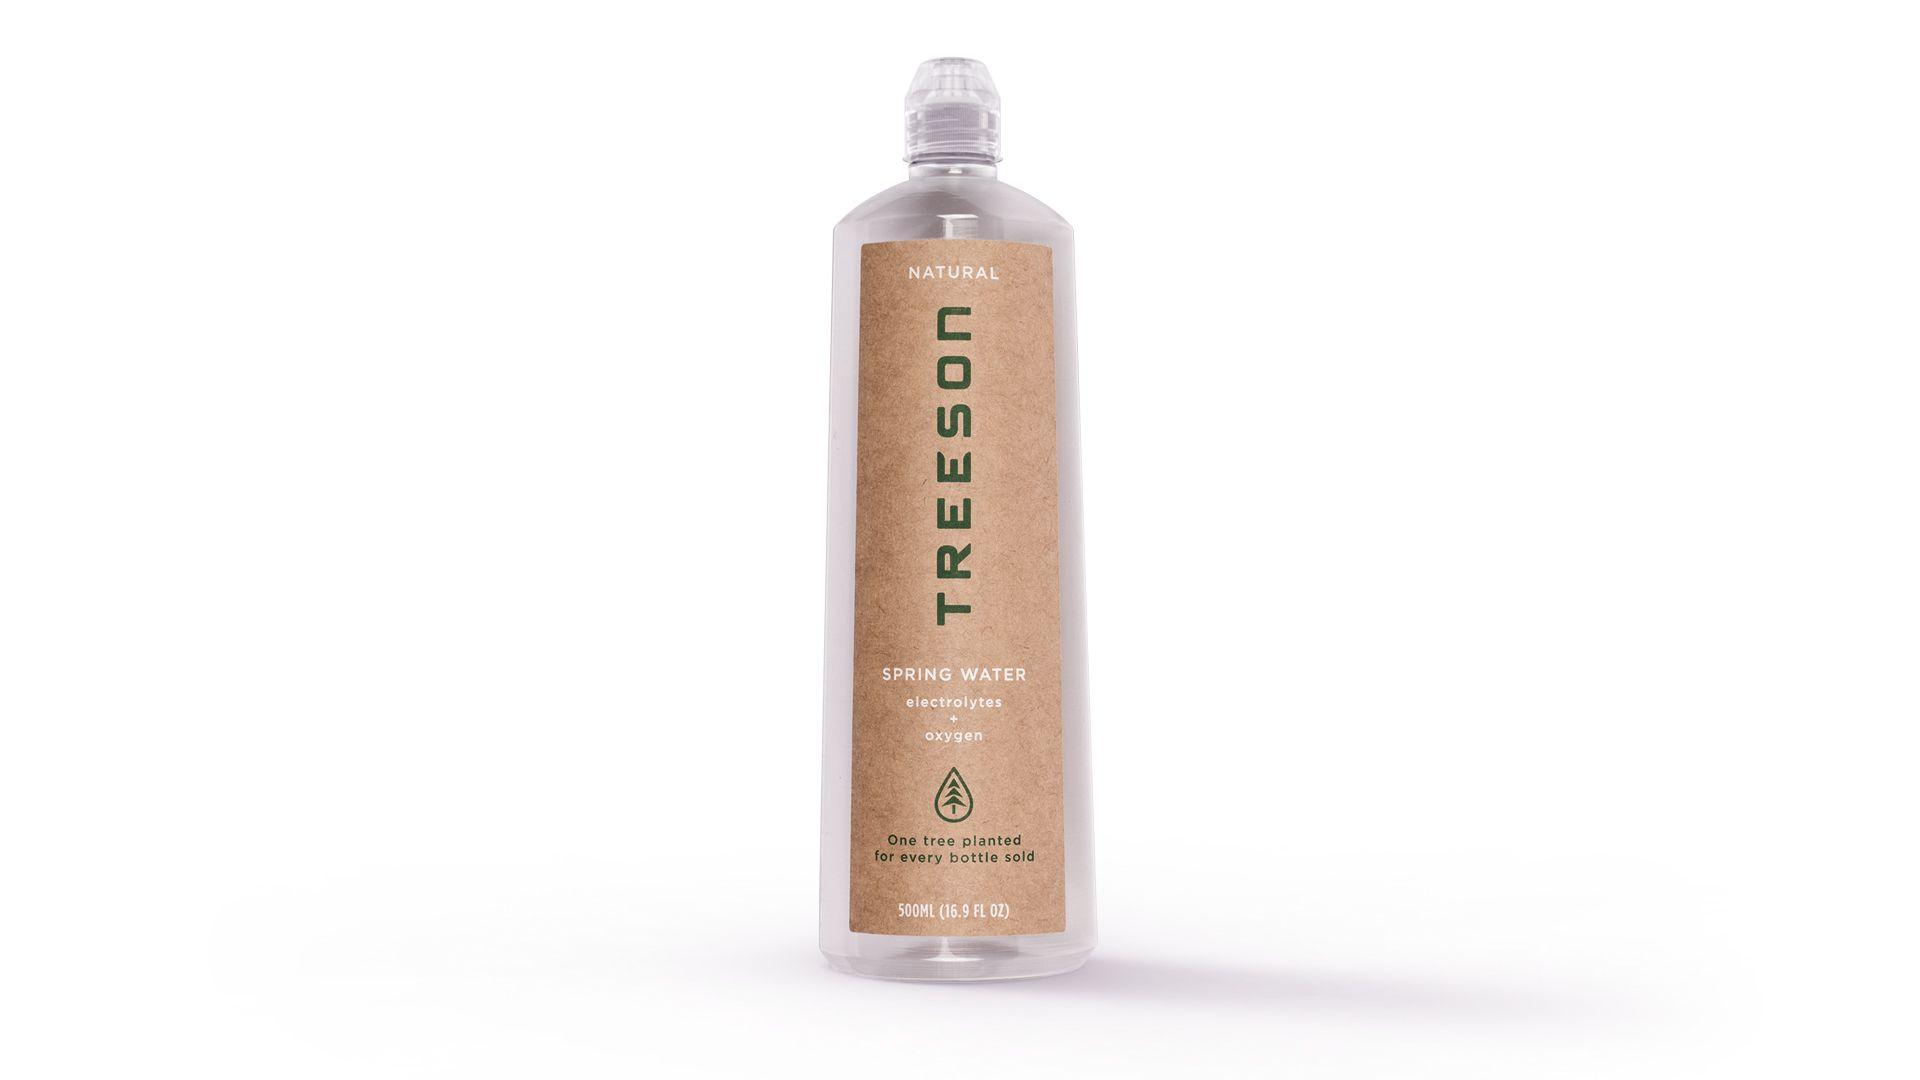 Revolutionary Eco-Friendly Bottles